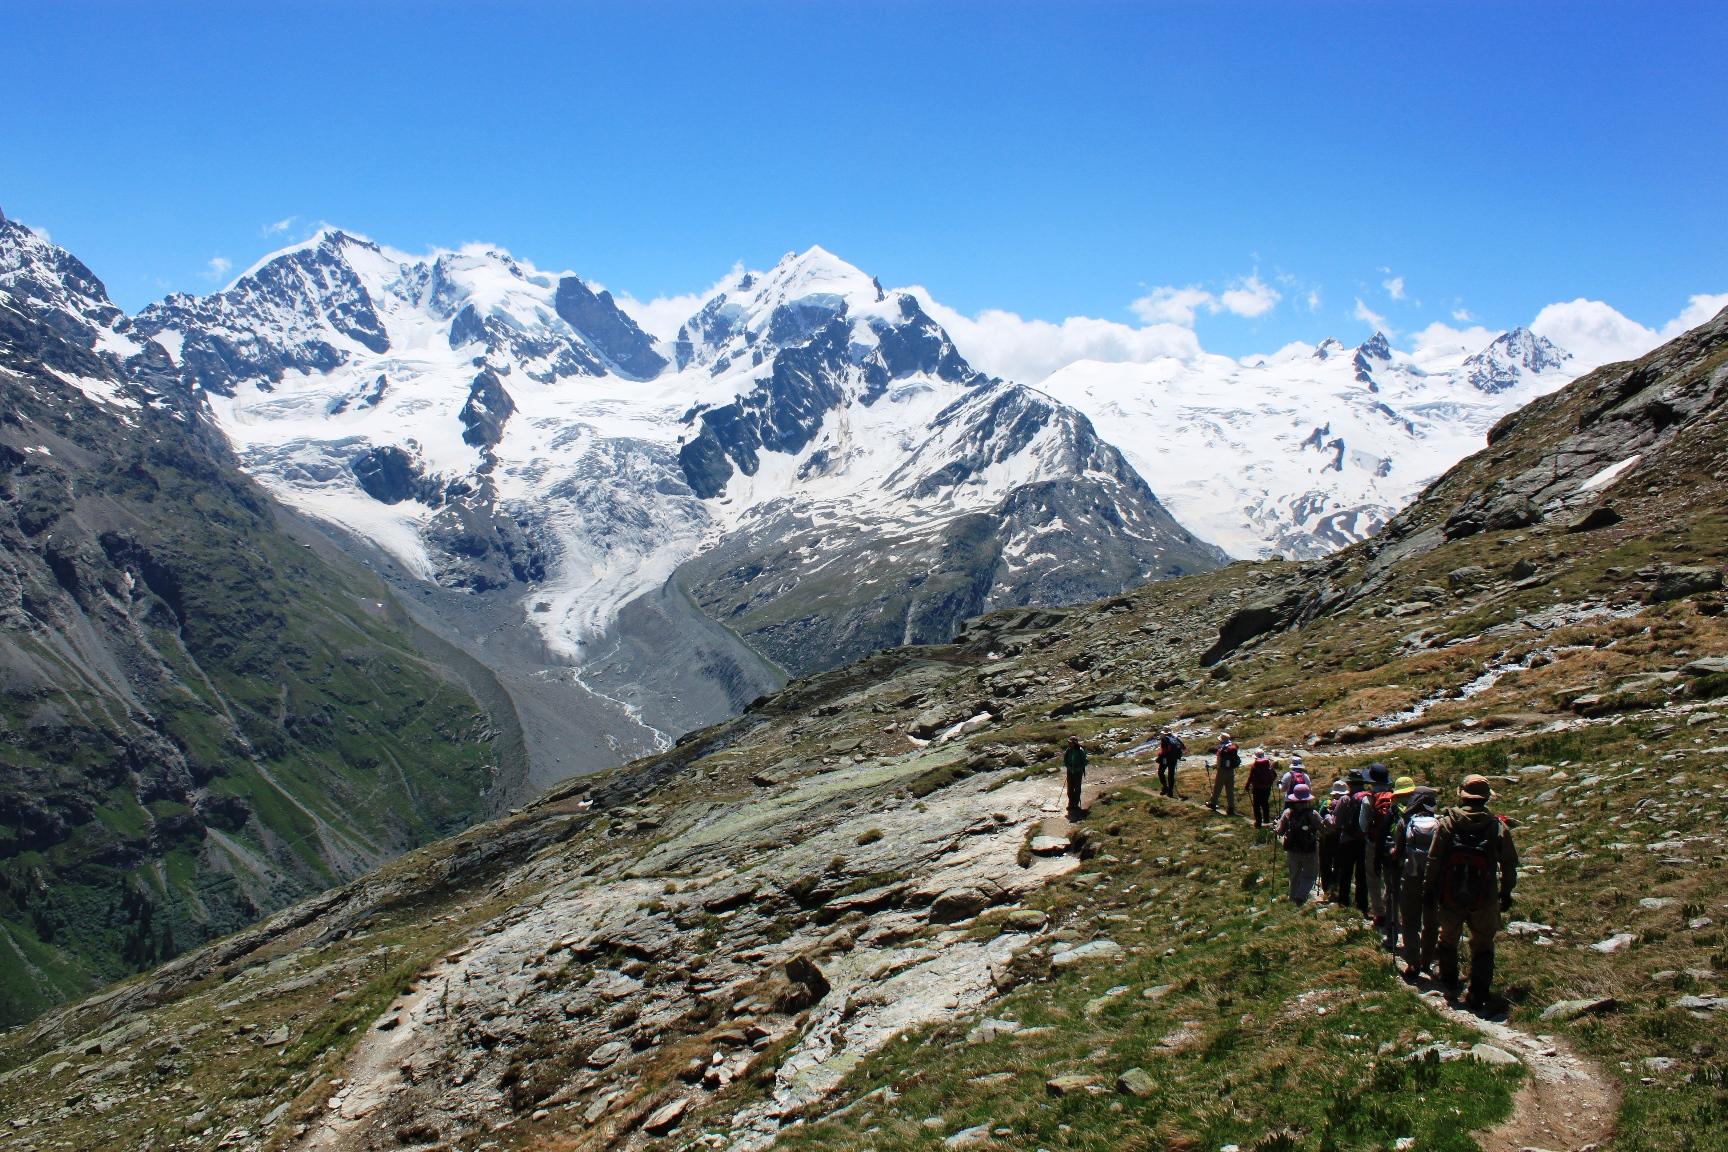 ベルニナ山群を展望するハイキング(3日目)